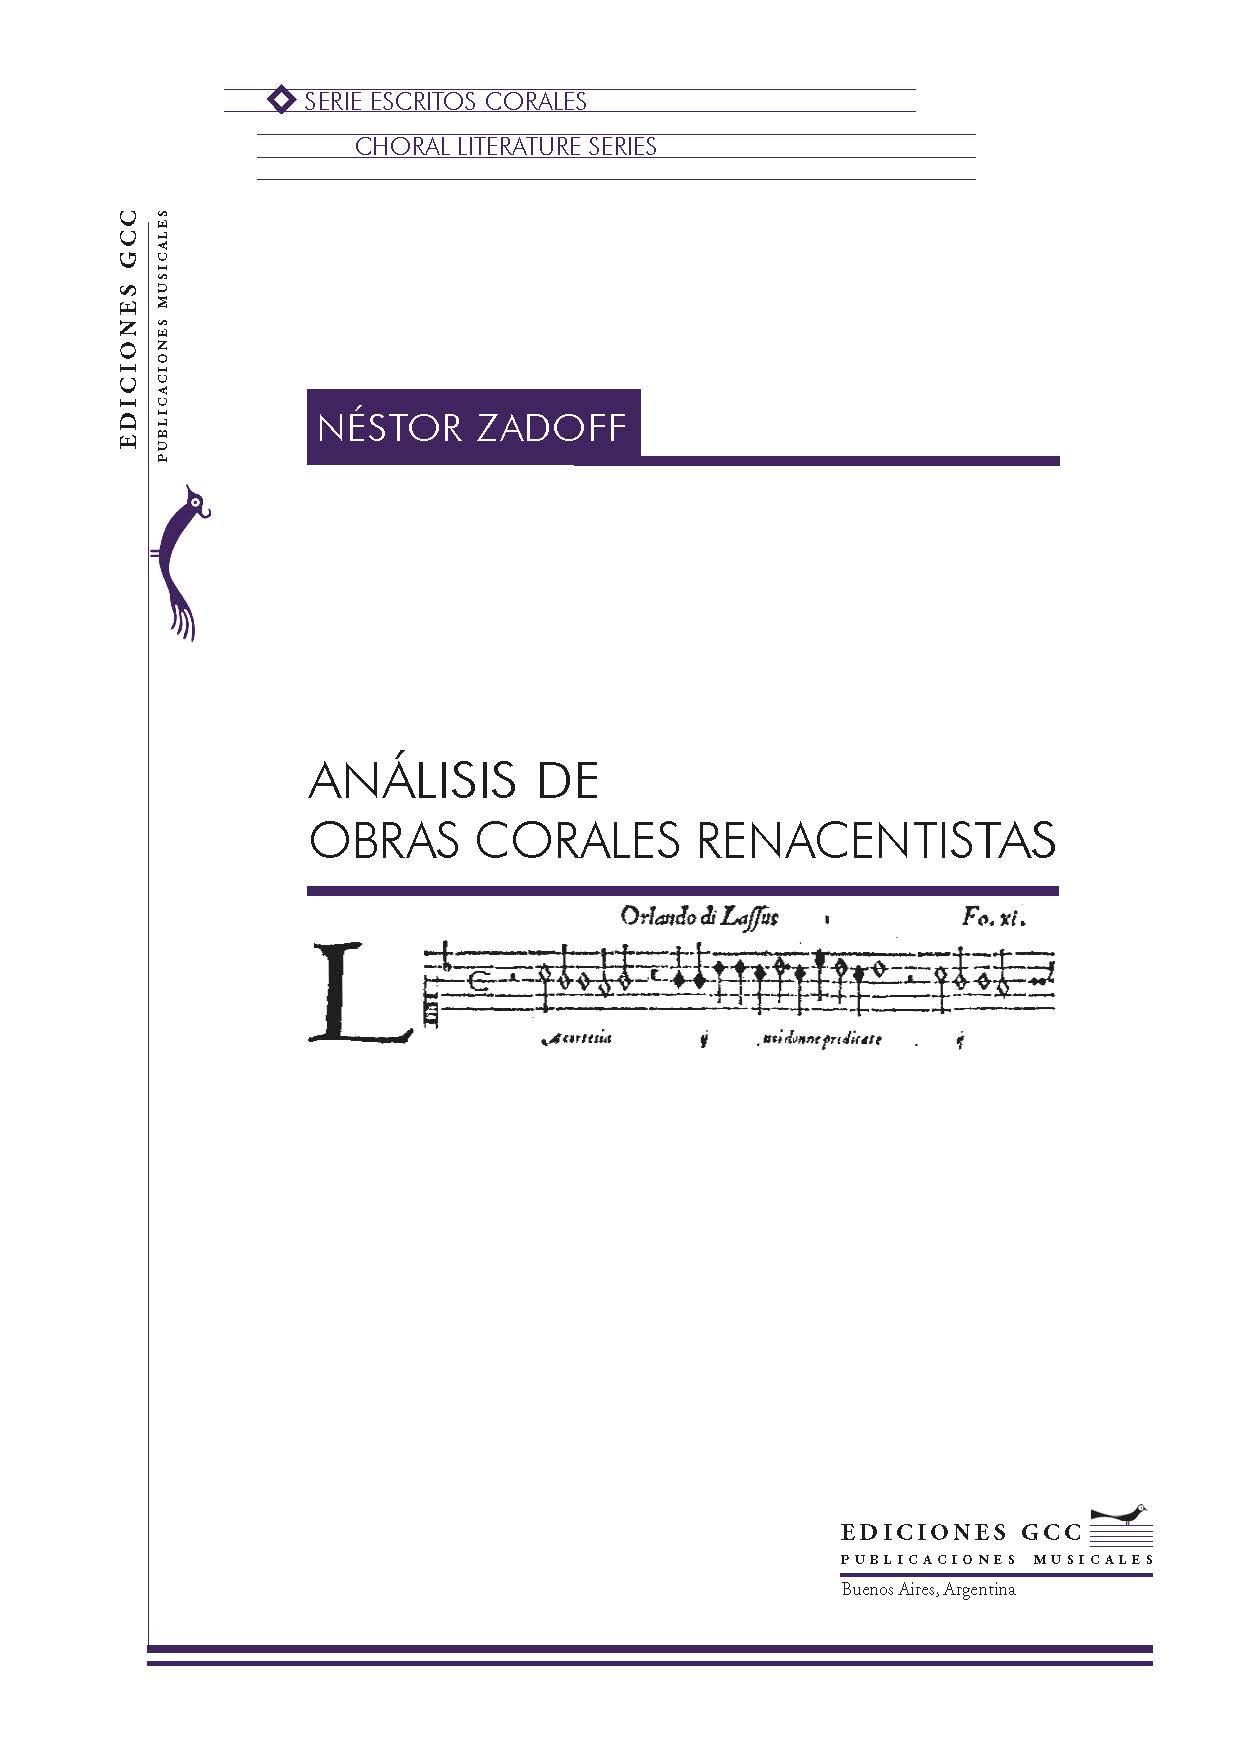 Análisis de obras corales renacentistas